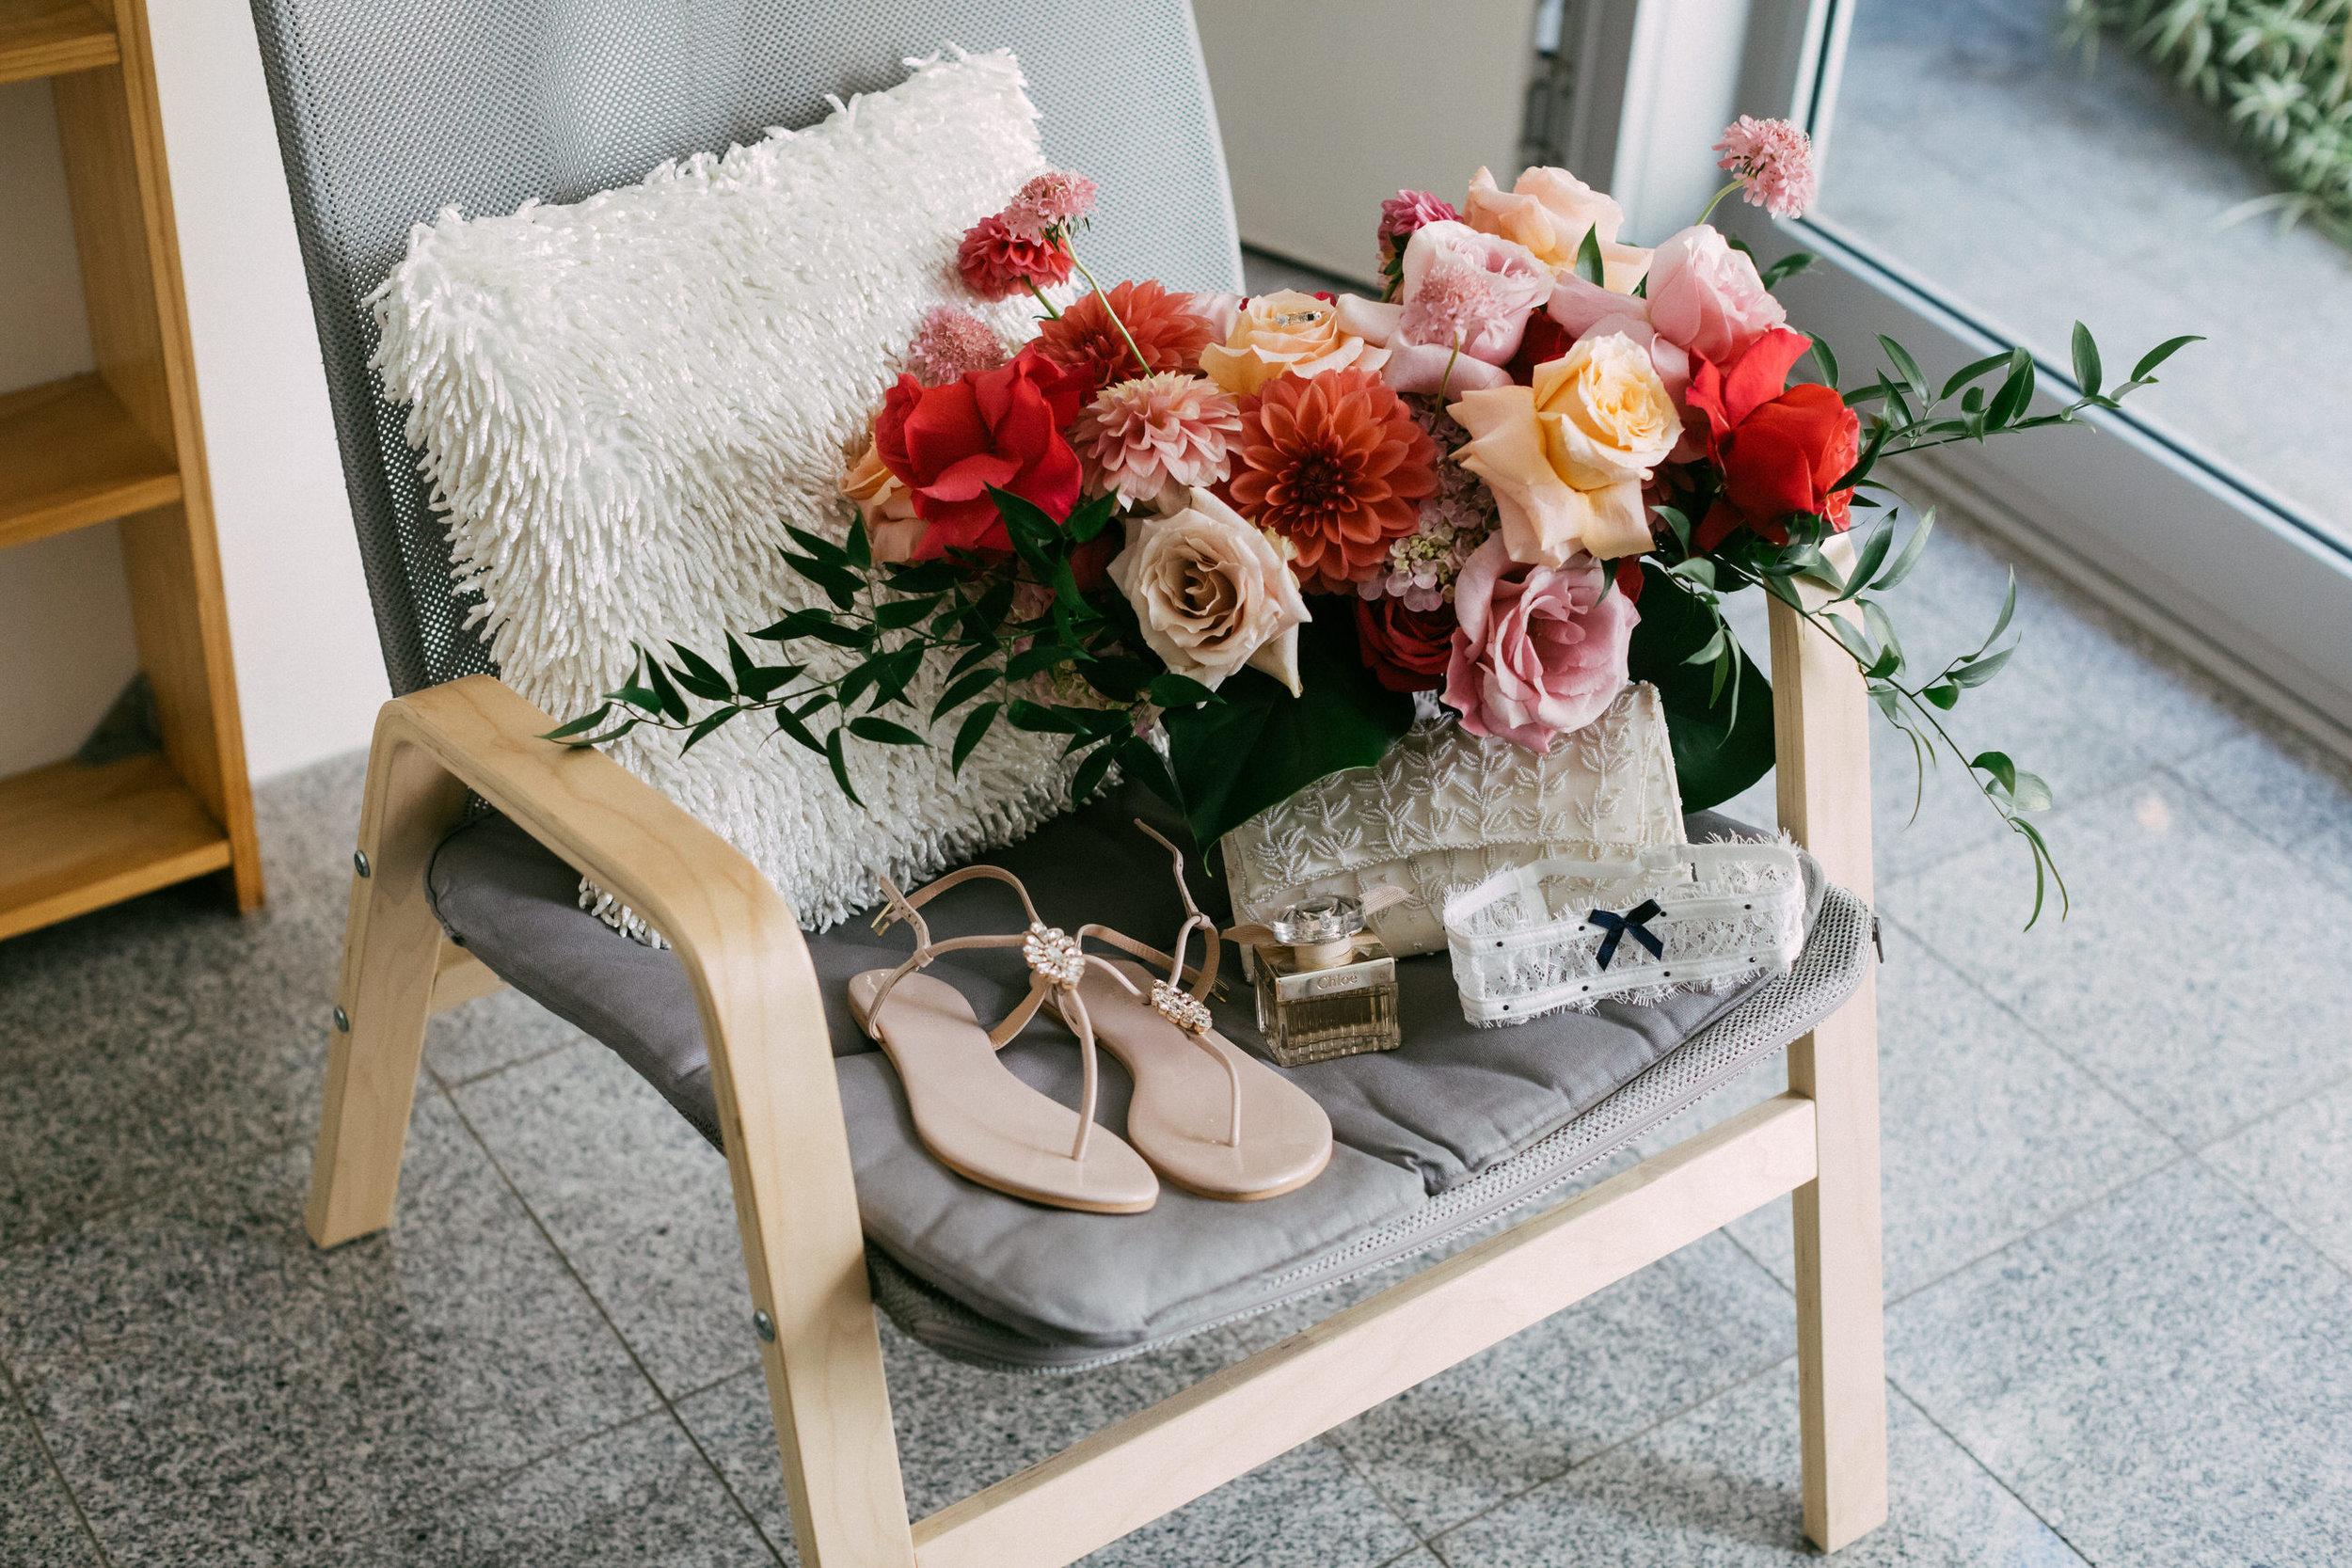 Adelaide City Fringe Garden Unearthly Delight Wedding 019.jpg